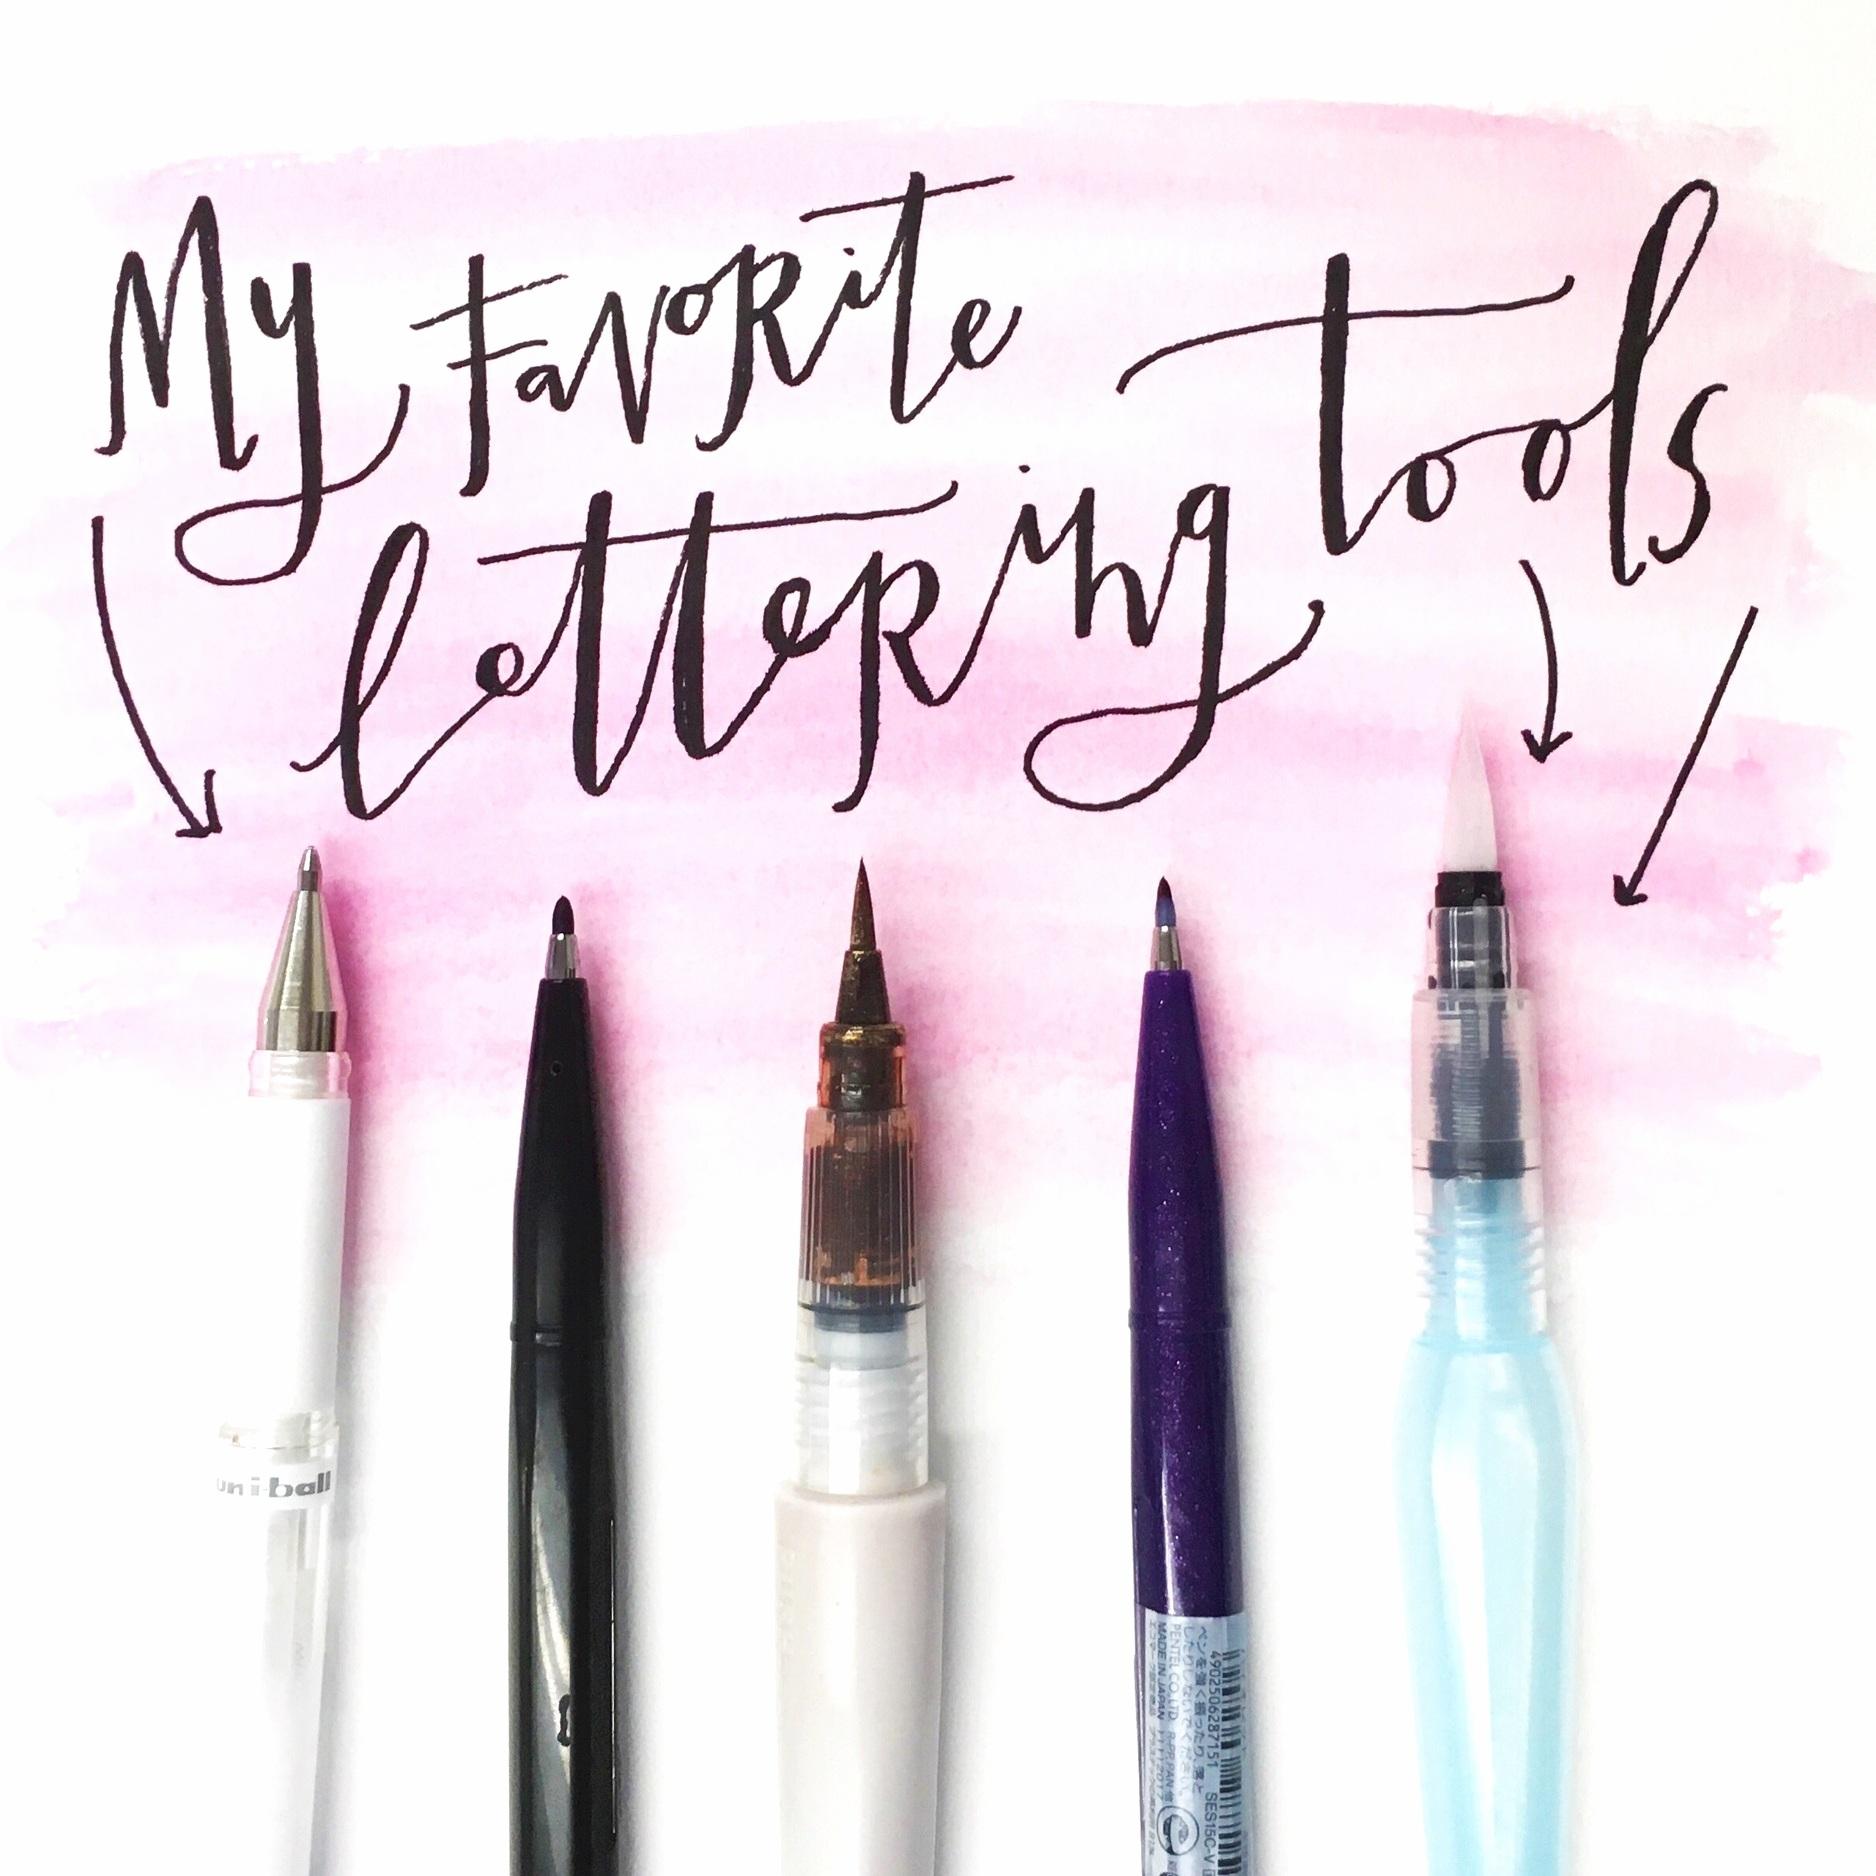 My+Favorite+Lettering+Tools.jpg